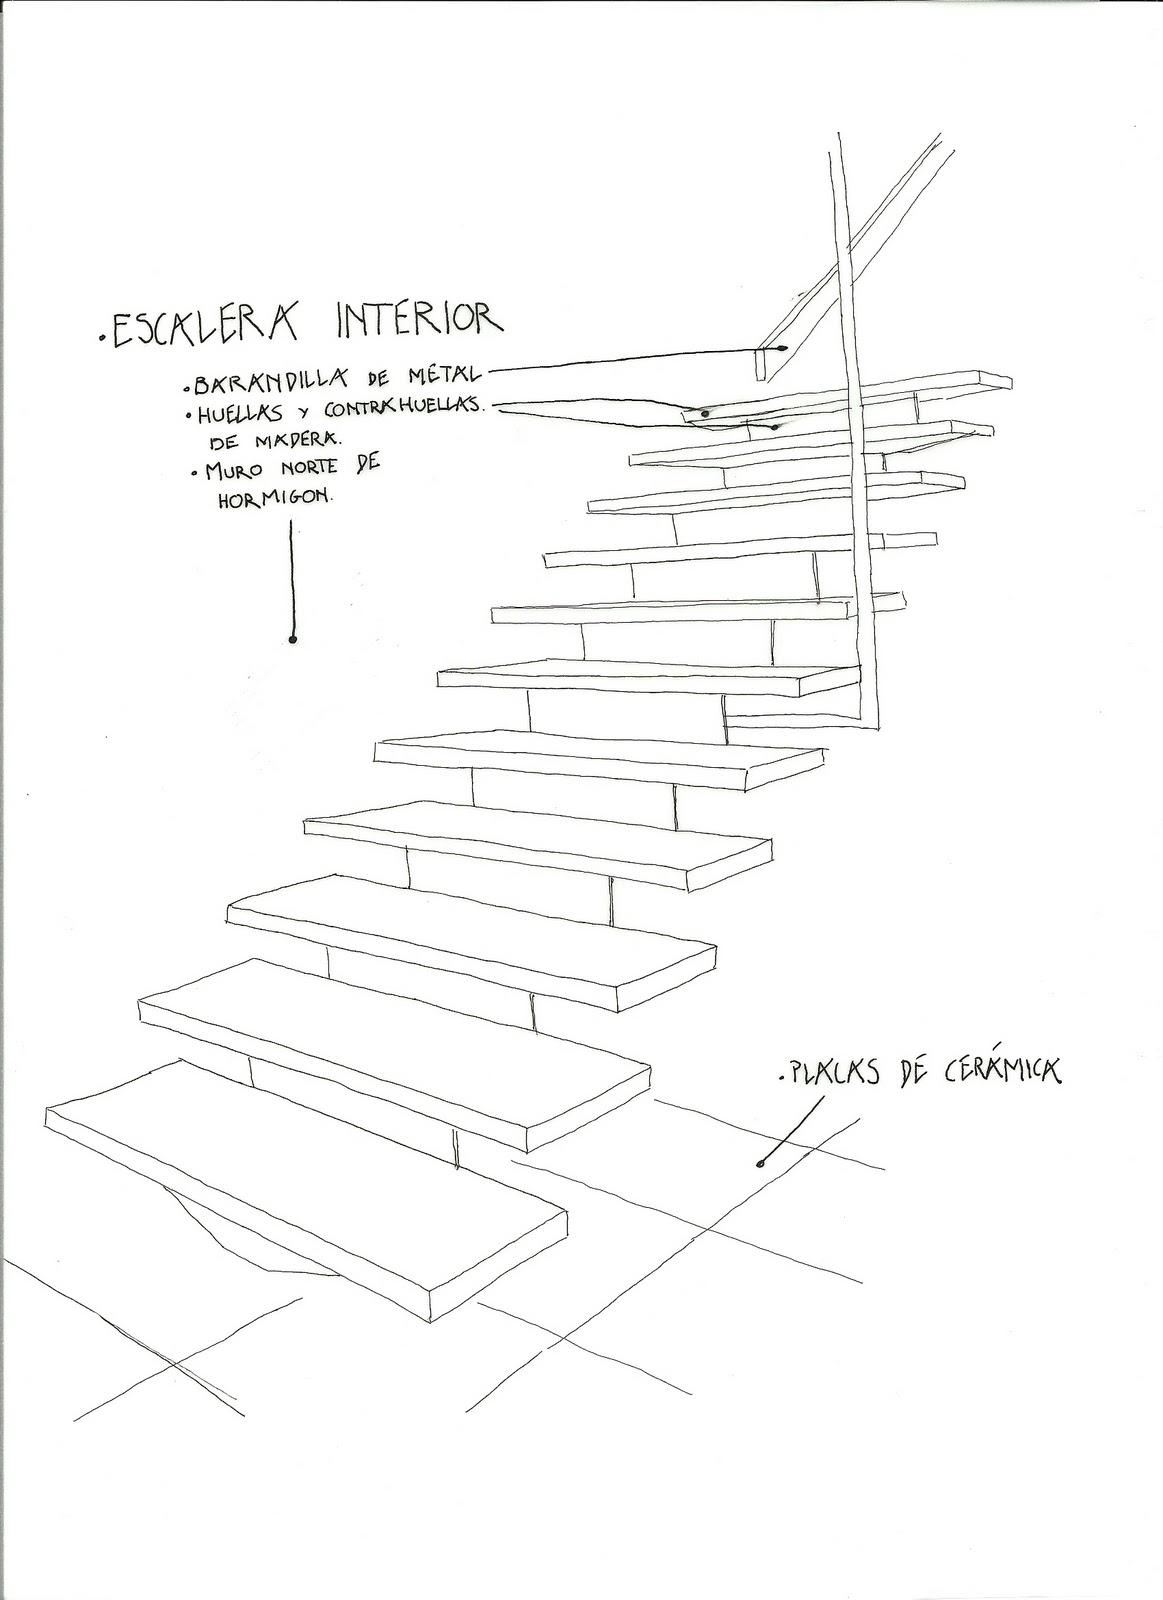 Puerta de hierro ii la construcci n en la vivienda for Construccion de escaleras de hierro